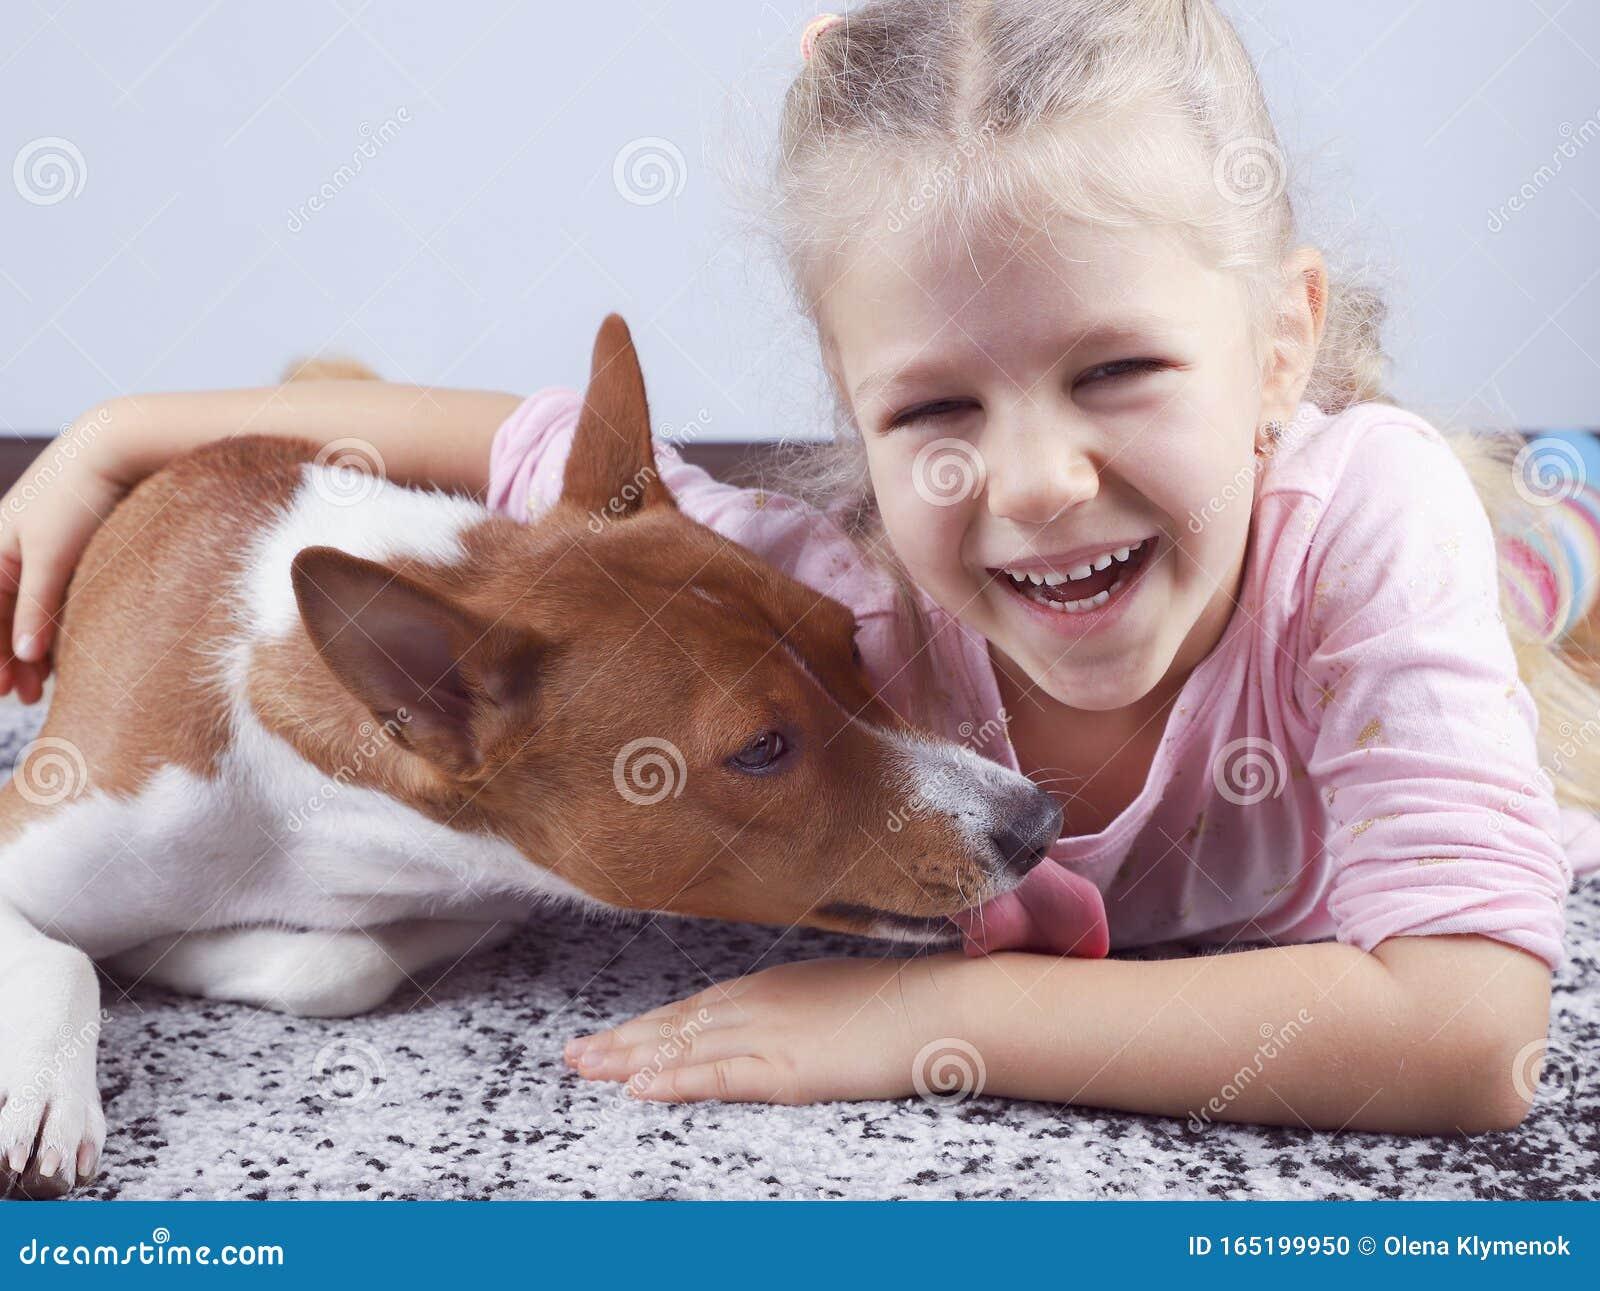 Hund Slickar